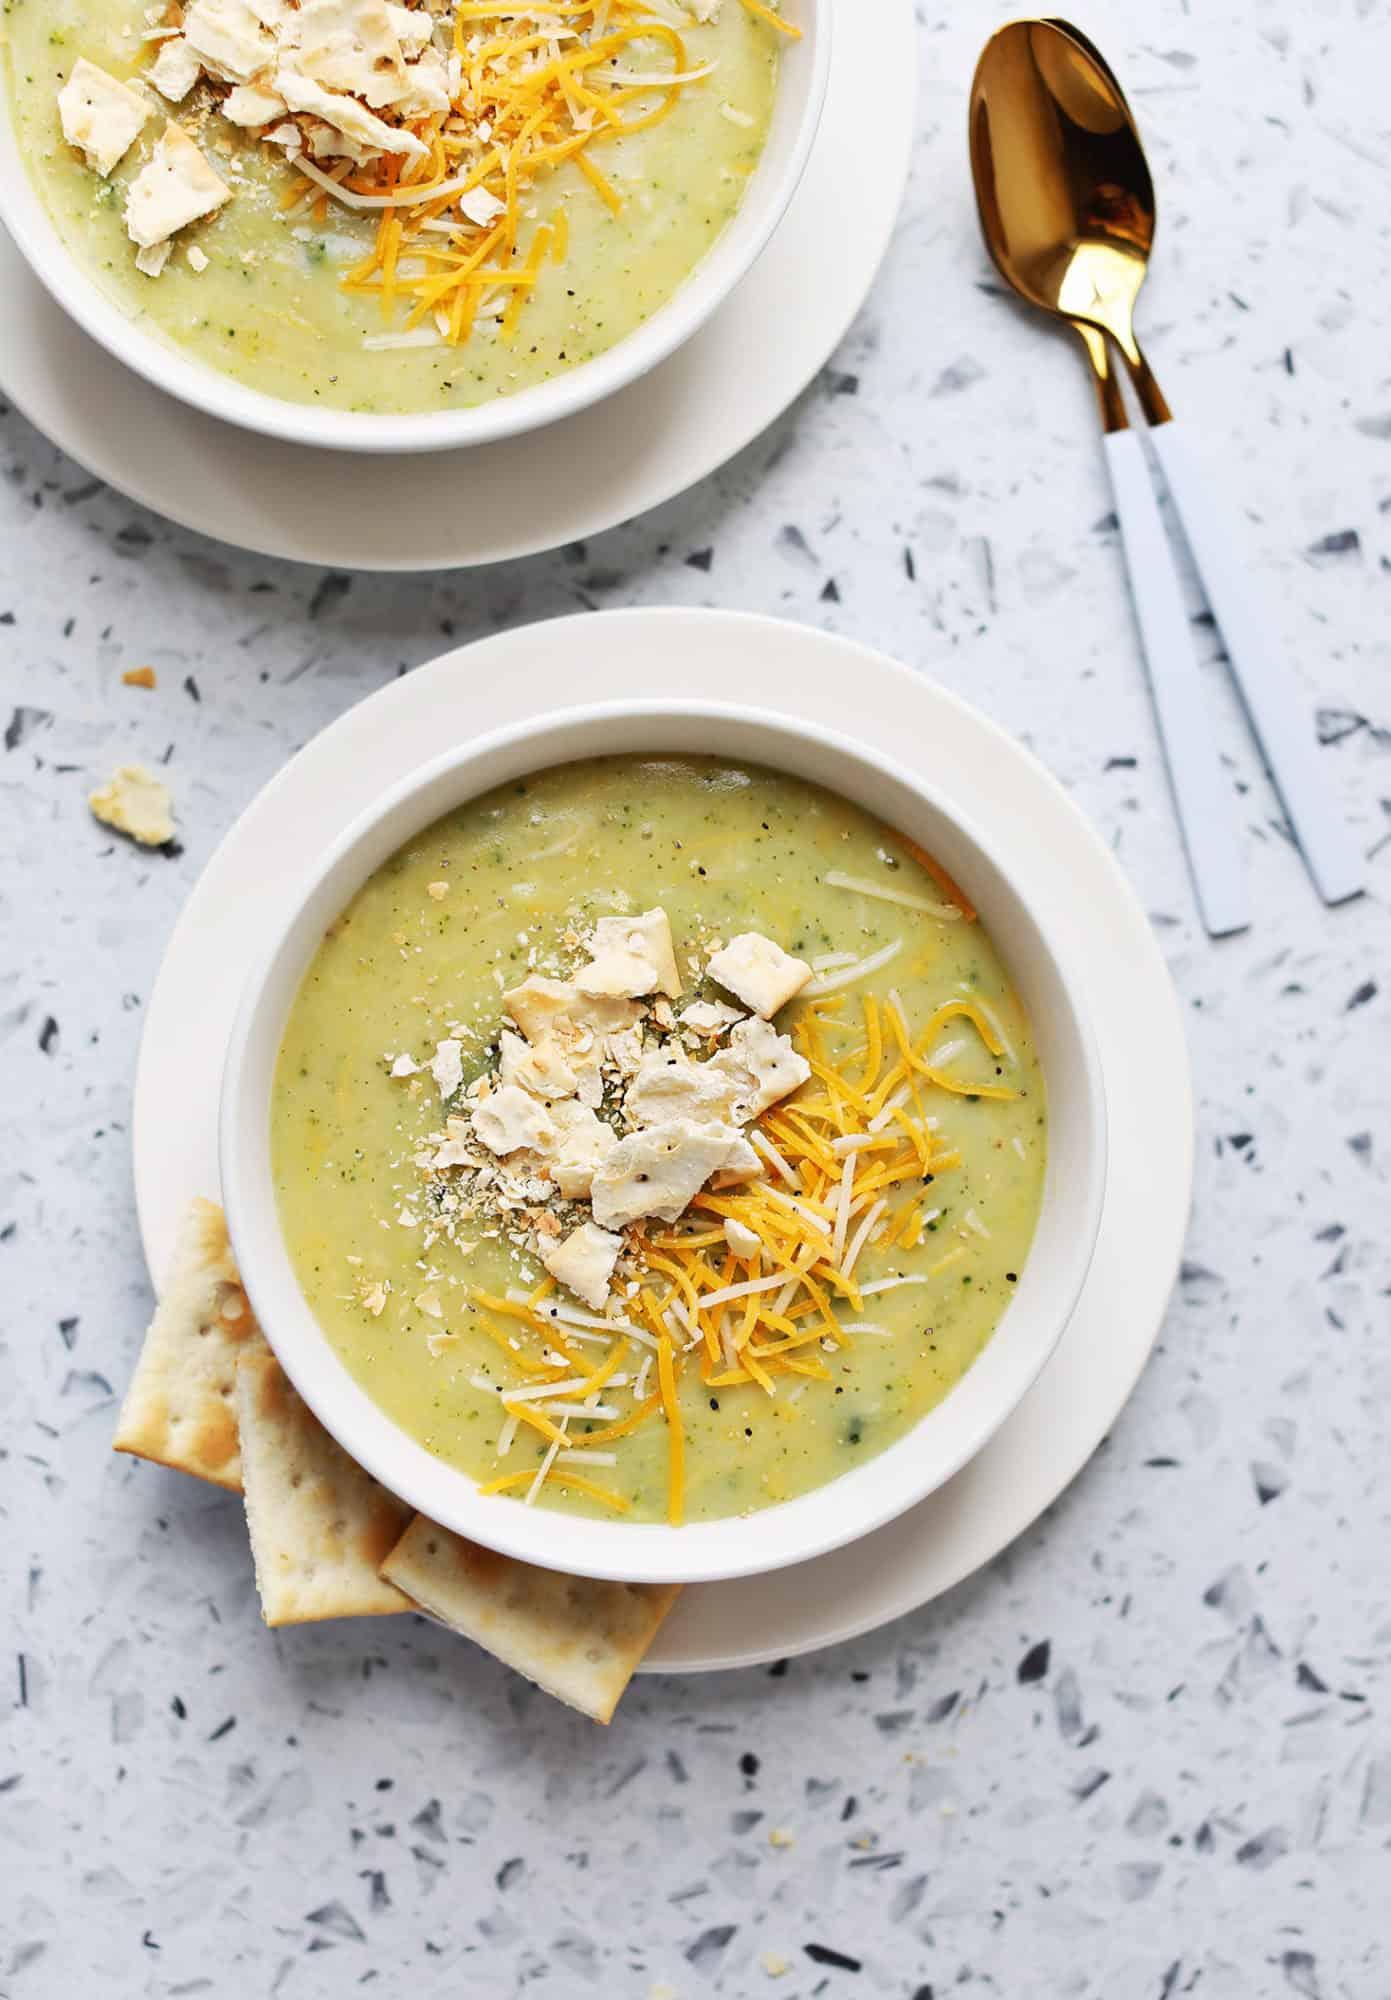 Baked potato and broccoli cheddar soup